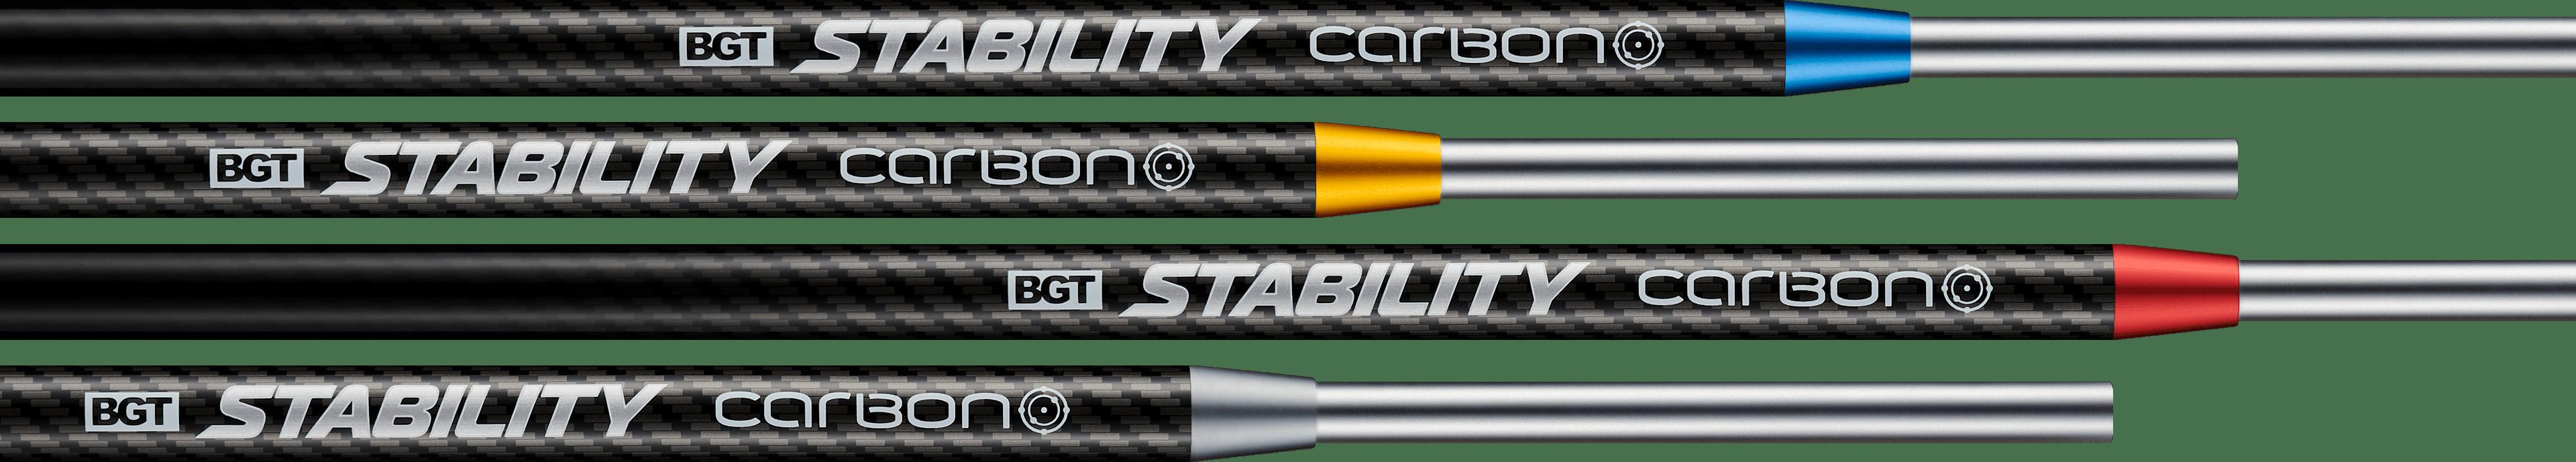 breakthrough golf tech custom putter shafts reviews